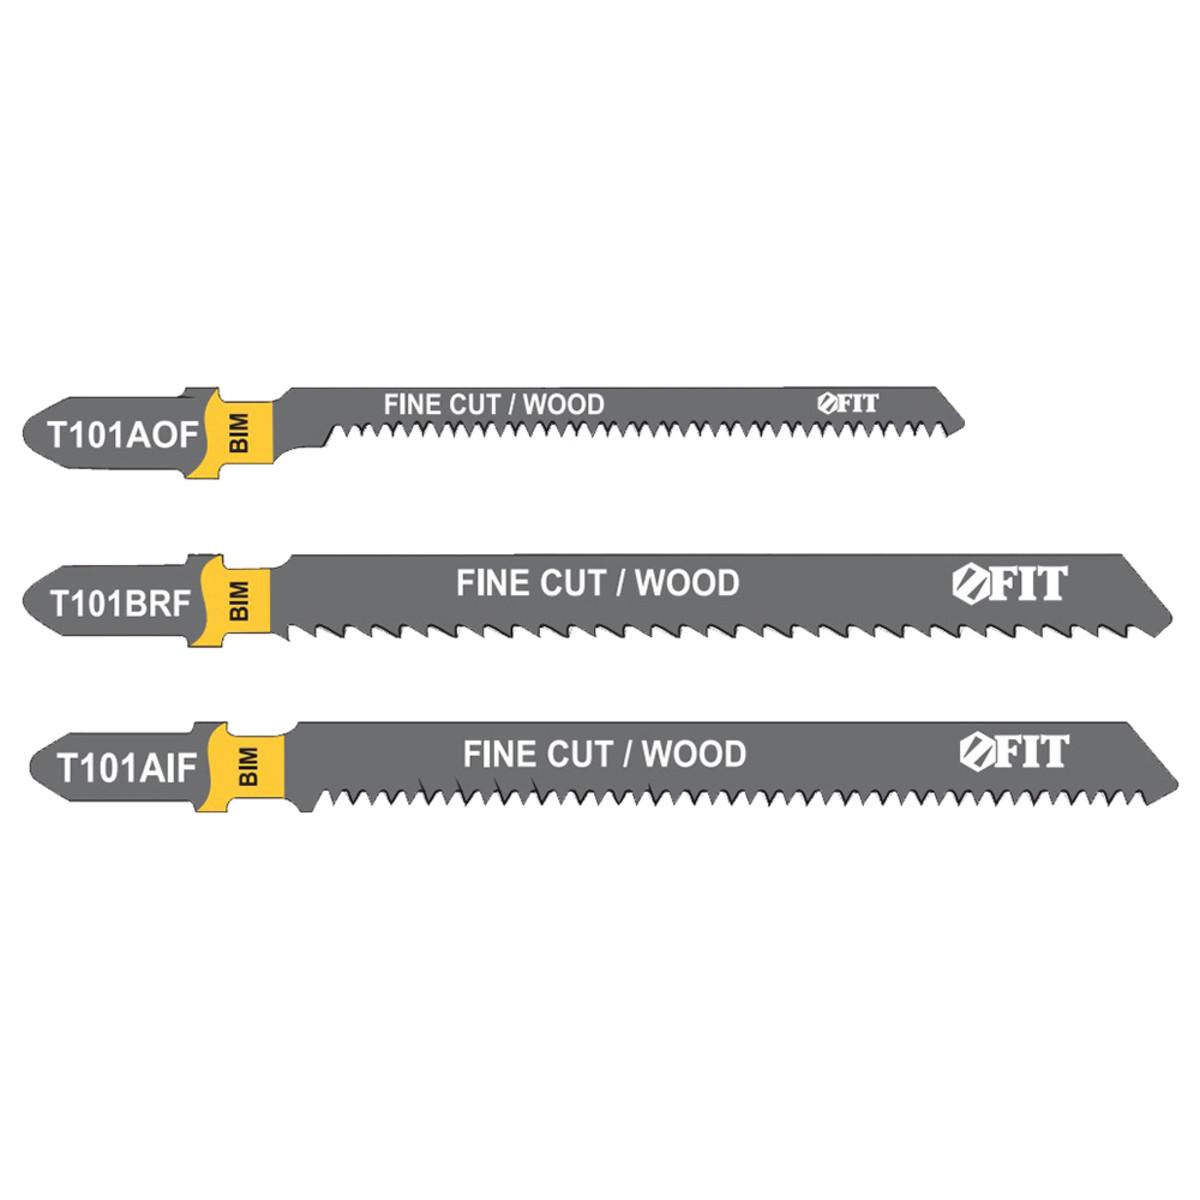 Набор полотен для электролобзика FIT 101BRFx2 T101AOFx2 T101AIFx2 6 шт. 41012